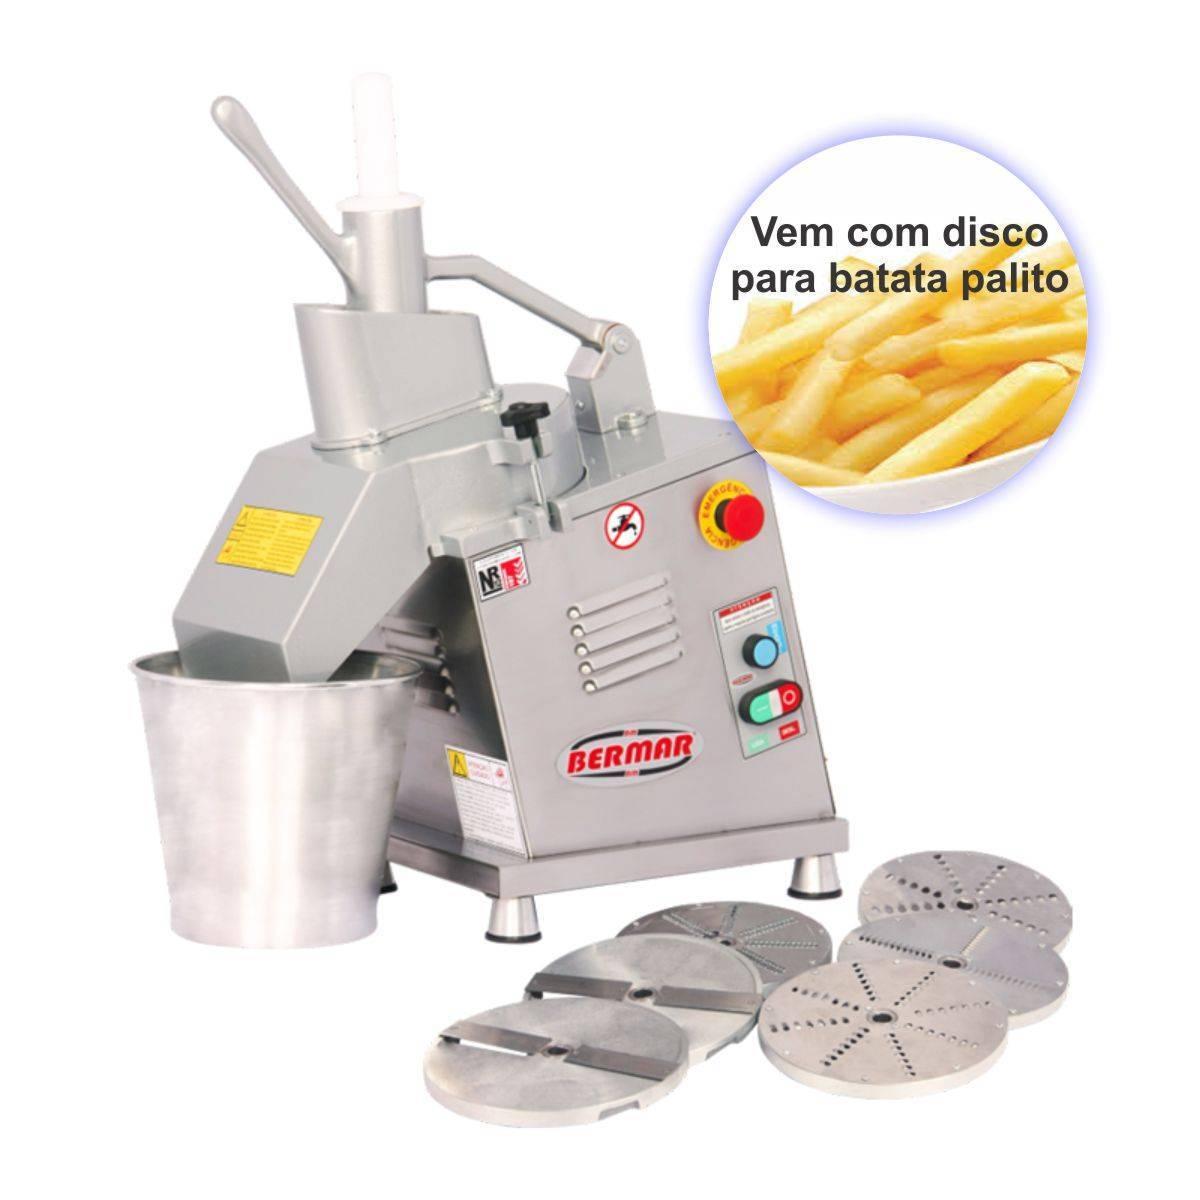 Processador de Alimentos Inox com 7 Discos Biv BM125 Bermar - Magazine do Chef